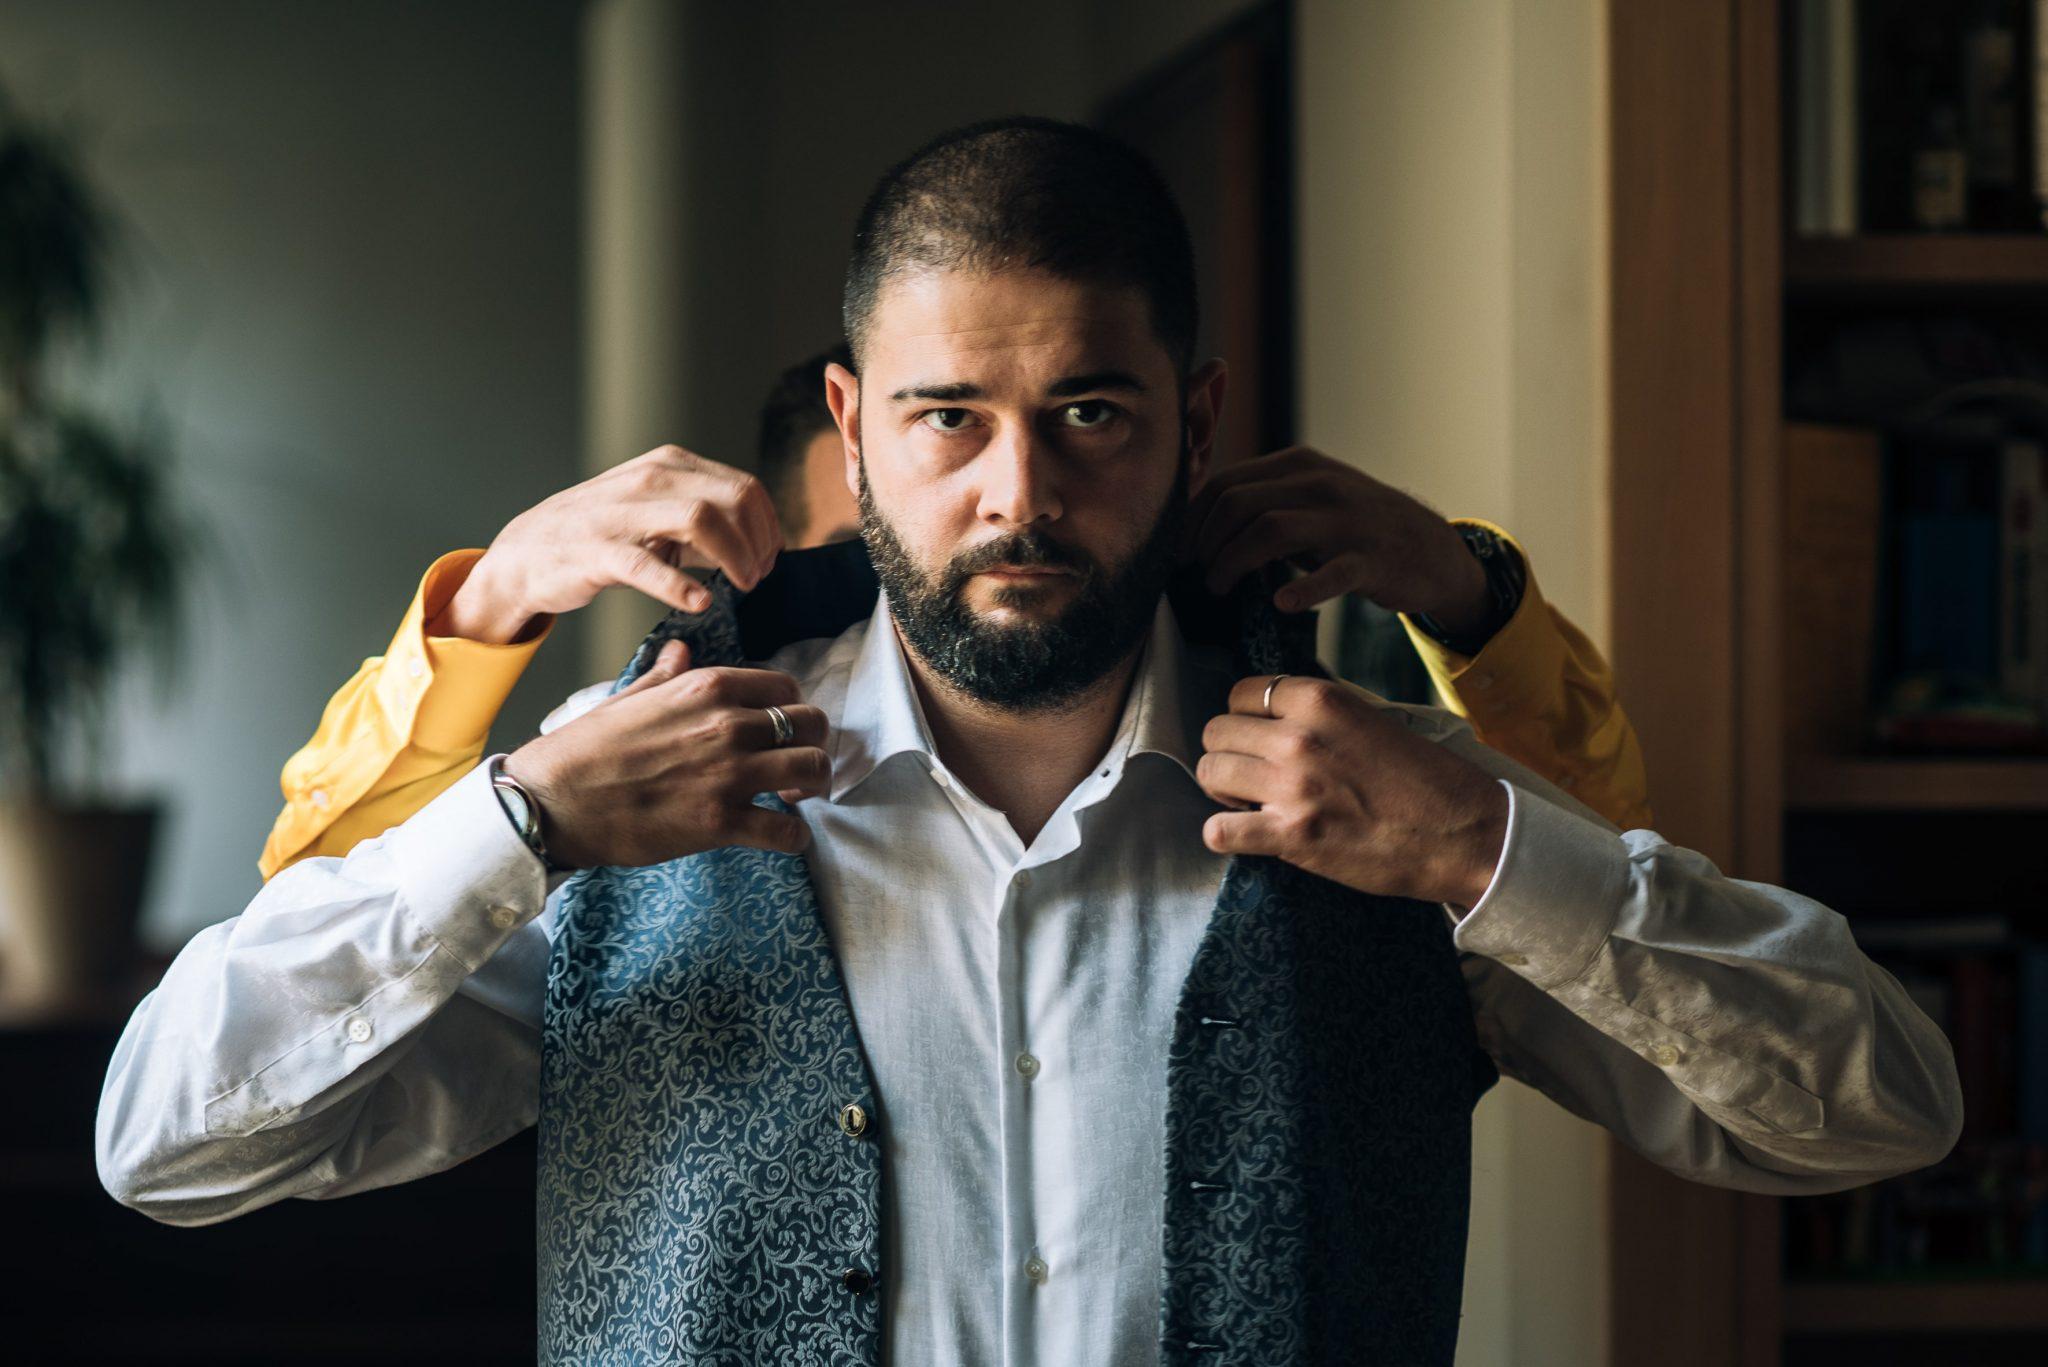 lo sposo mentre si veste in preparazione alla cerimonia nuziale